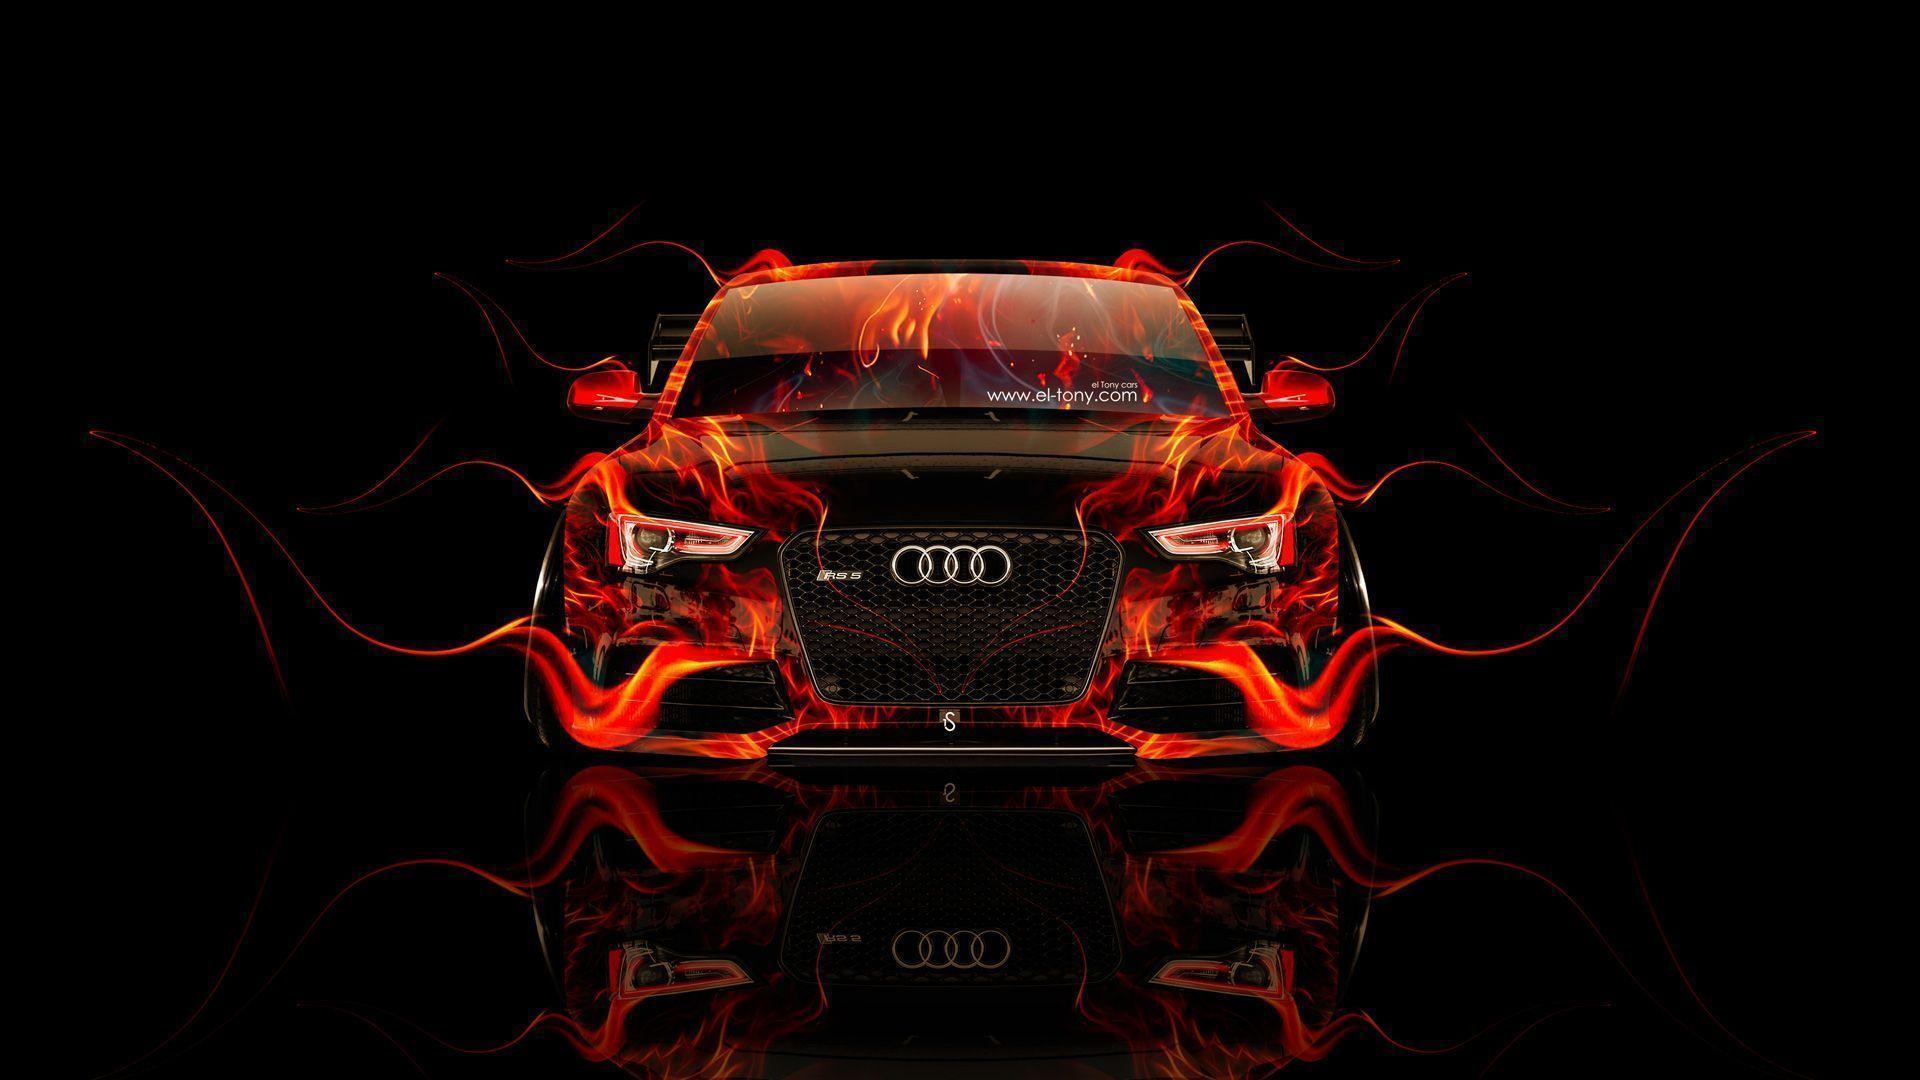 Audi rs5 wallpaper iphone 5 4